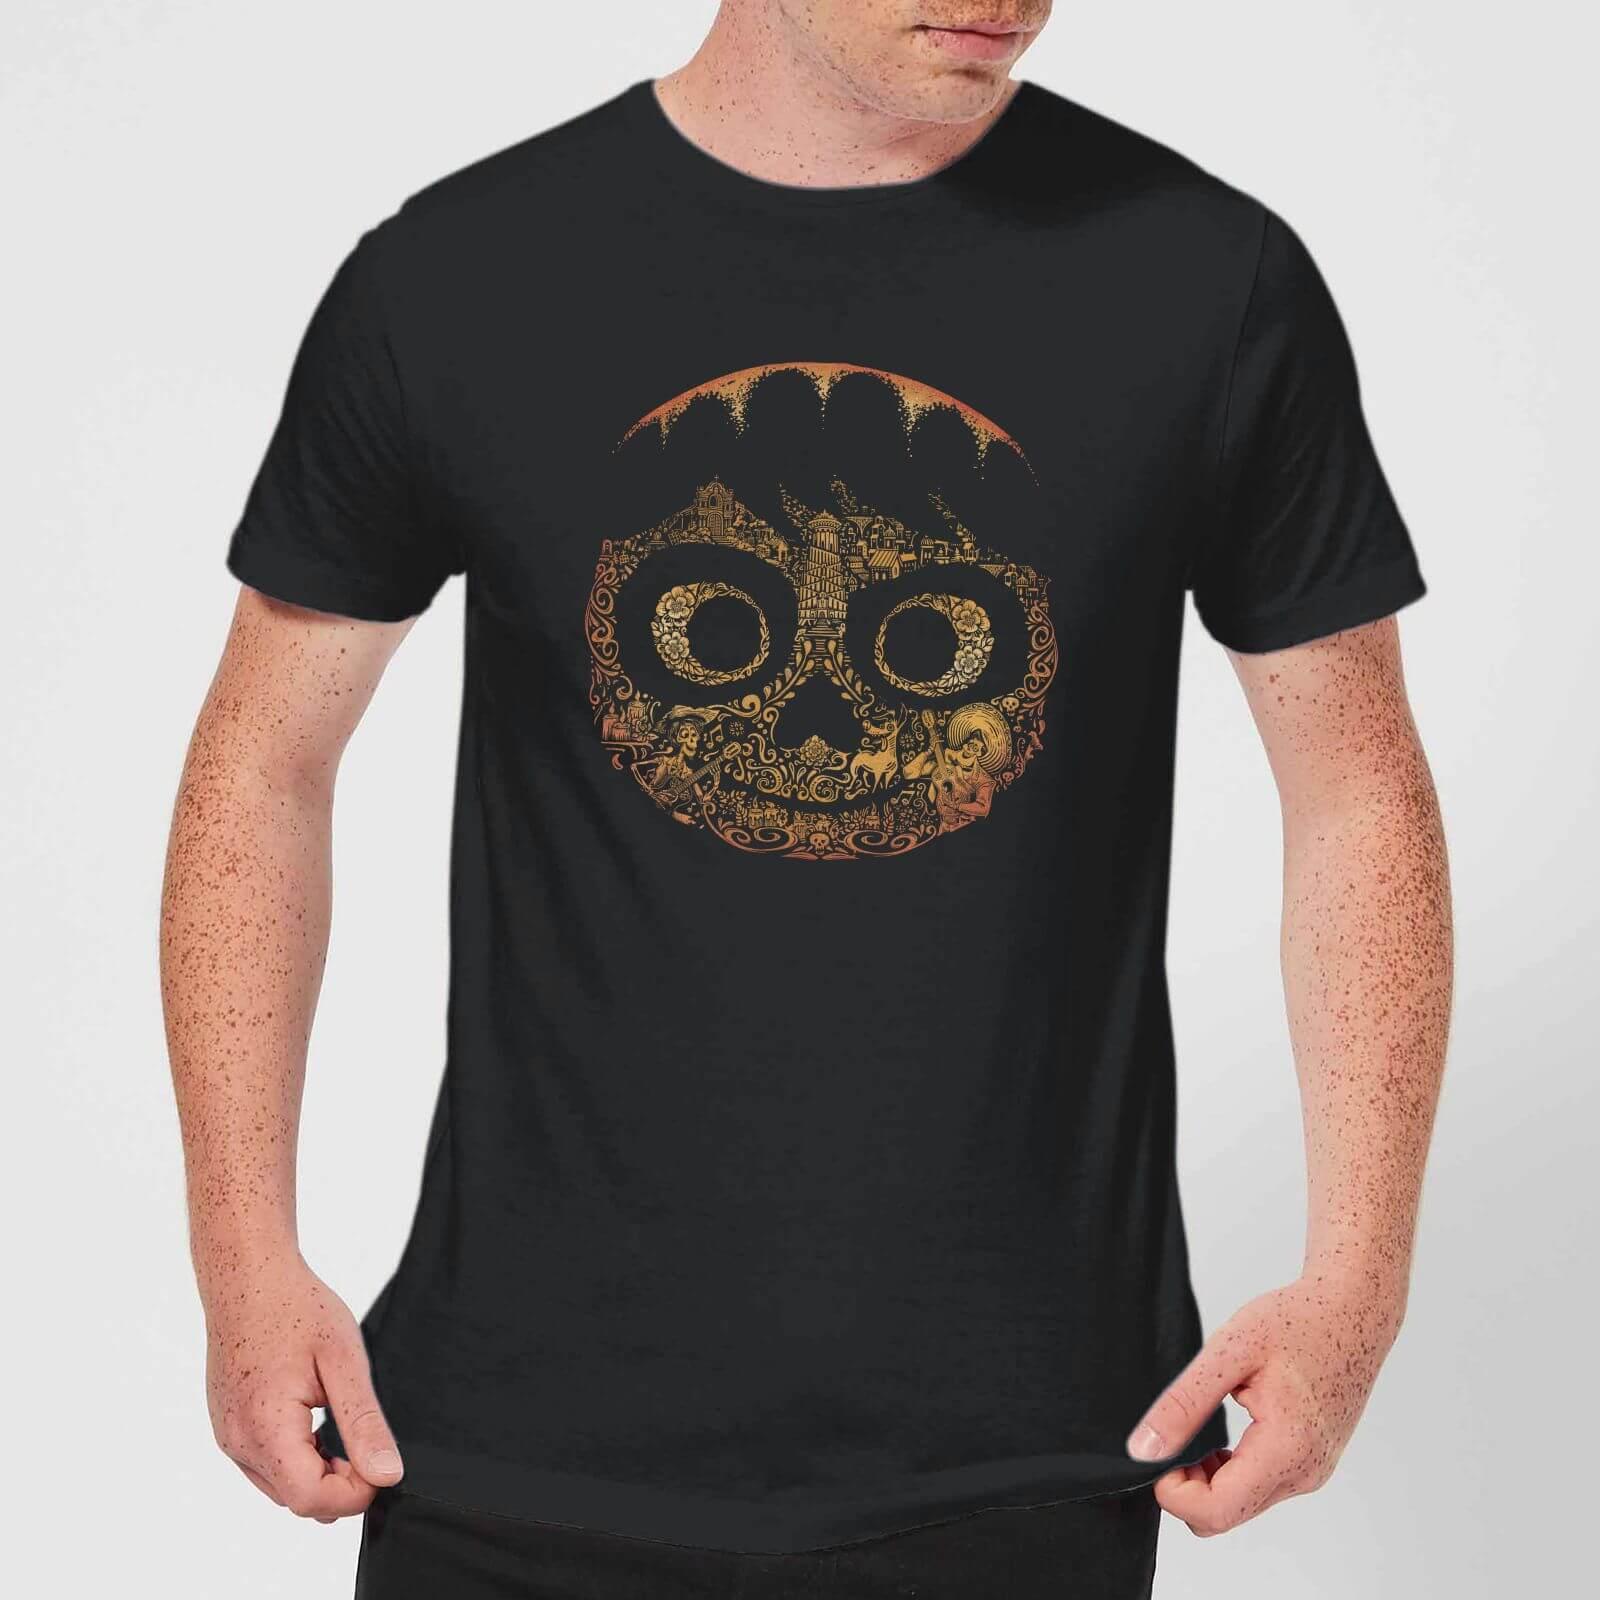 Pixar T-Shirt Homme Visage Miguel Coco - Noir - S - Noir